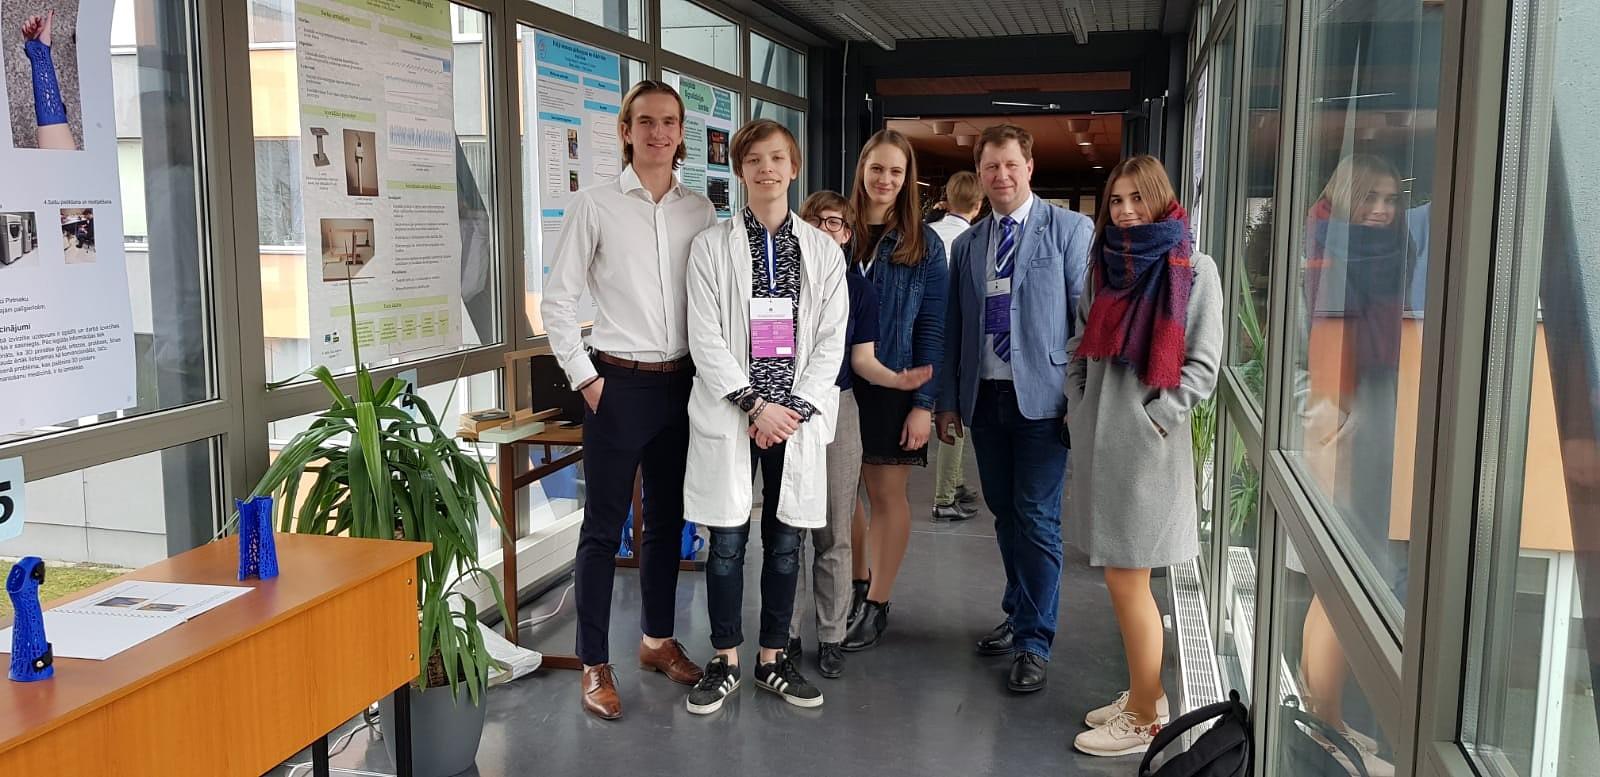 Liepājas skolēni zinātniski pētniecisko darbu konferencē startē ar panākumiem